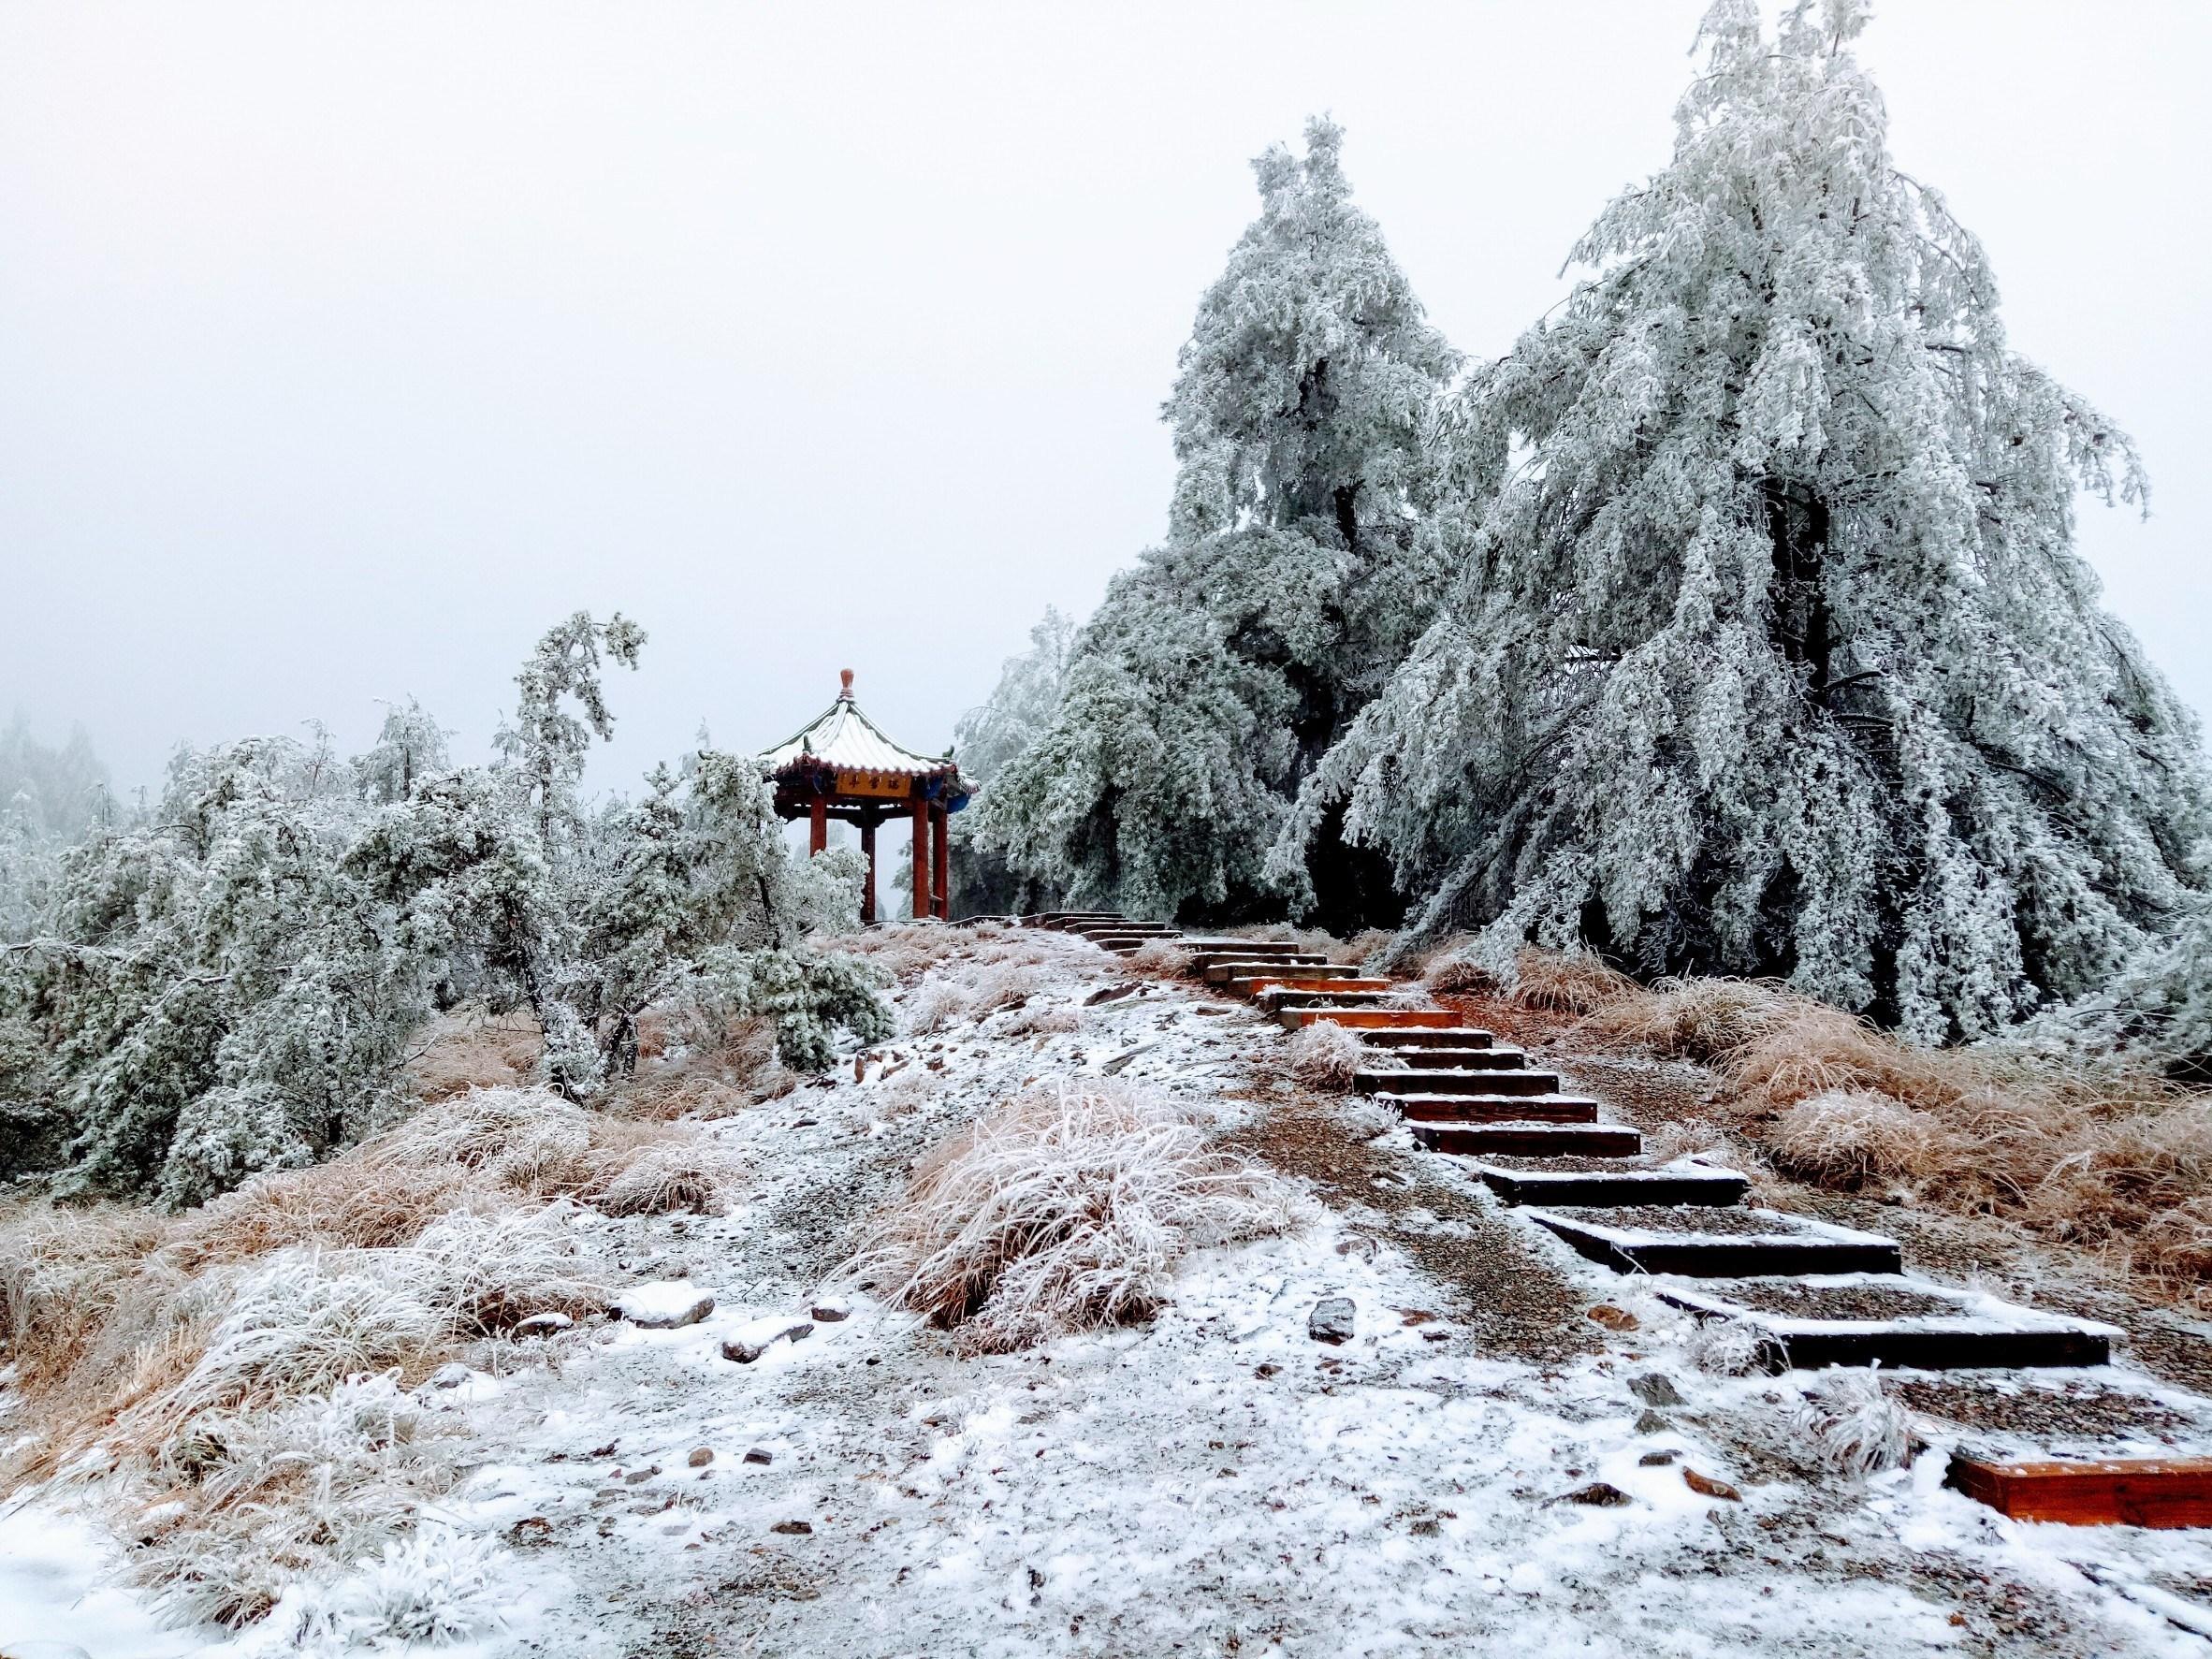 Mùa Đông thường có tuyết rơi.